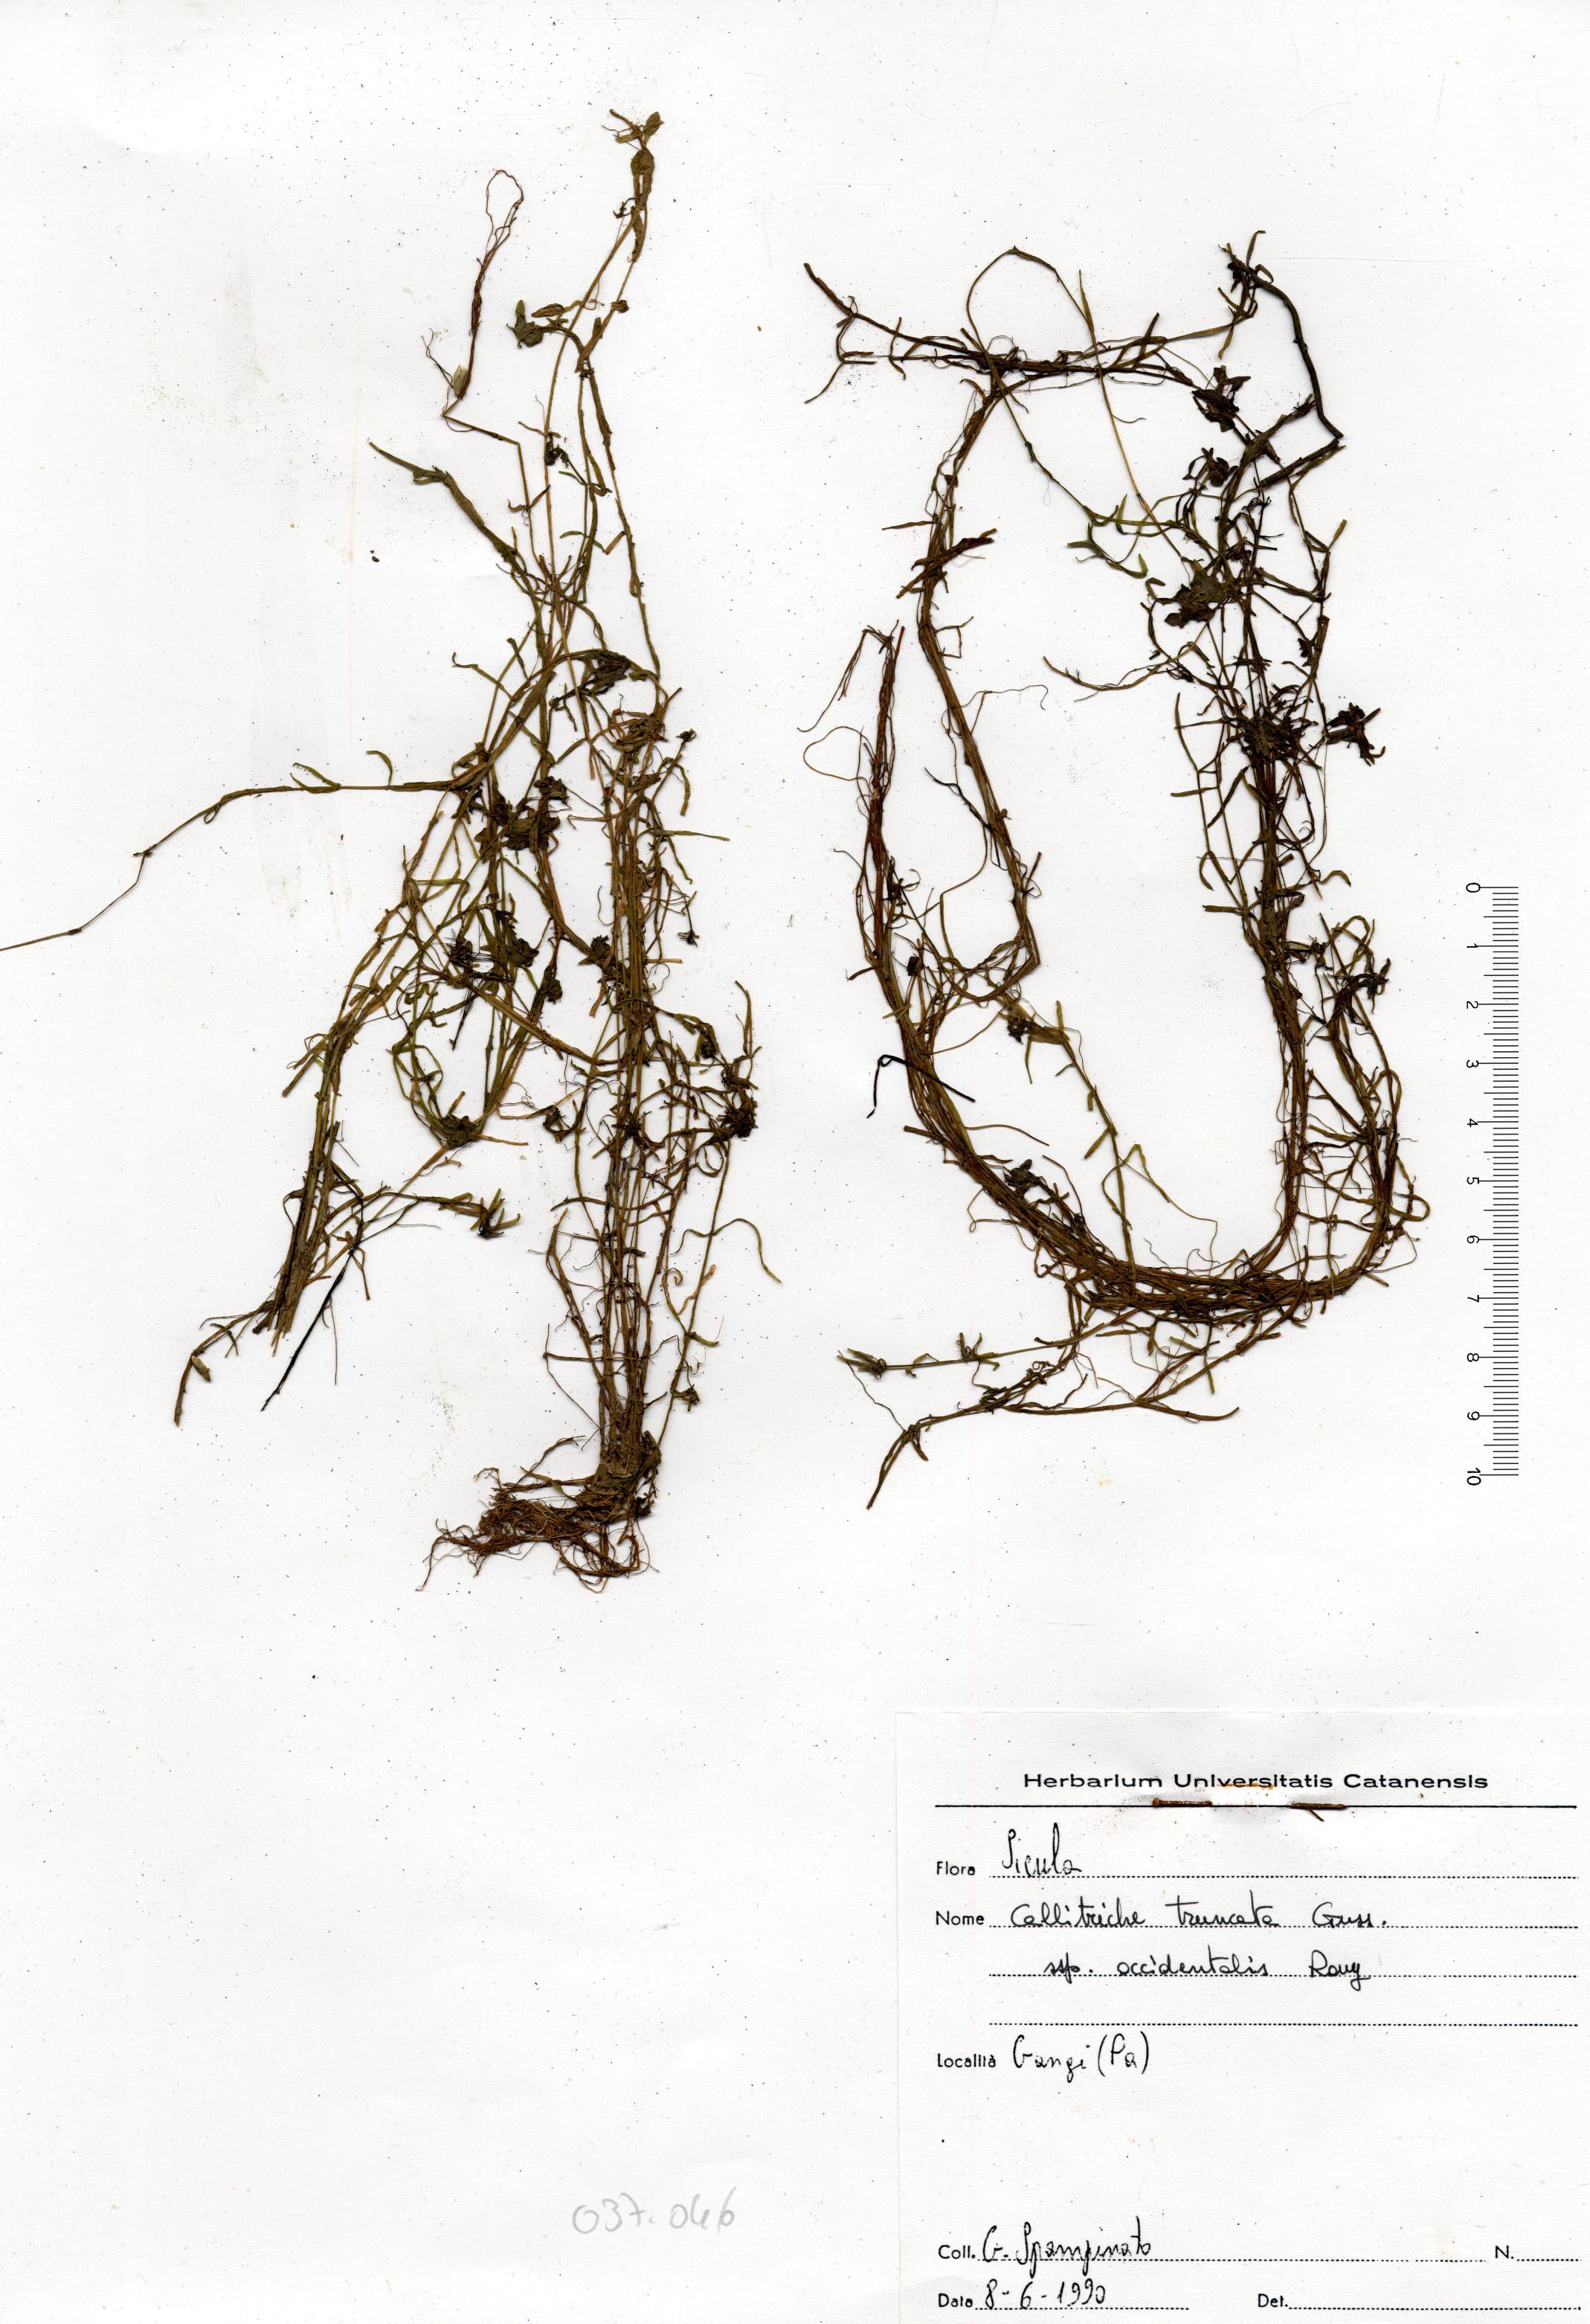 © Hortus Botanicus Catinensis - Herb. Sheet 037046<br>